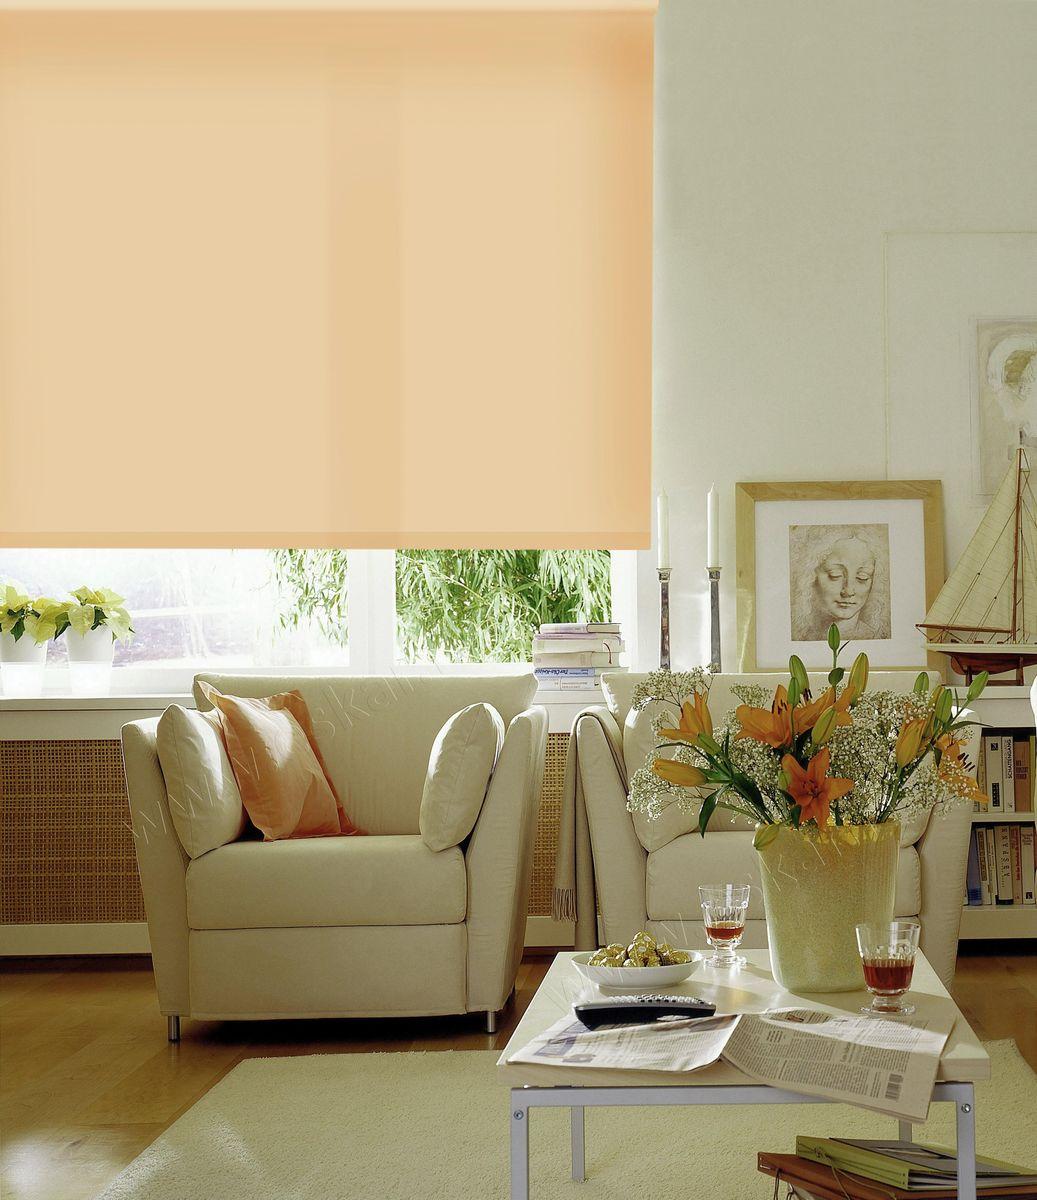 Штора рулонная Эскар, цвет: светло-абрикосовый, ширина 60 см, высота 170 смS03301004Рулонными шторами можно оформлять окна как самостоятельно, так и использовать в комбинации с портьерами. Это поможет предотвратить выгорание дорогой ткани на солнце и соединит функционал рулонных с красотой навесных.Преимущества применения рулонных штор для пластиковых окон:- имеют прекрасный внешний вид: многообразие и фактурность материала изделия отлично смотрятся в любом интерьере; - многофункциональны: есть возможность подобрать шторы способные эффективно защитить комнату от солнца, при этом о на не будет слишком темной. - Есть возможность осуществить быстрый монтаж. ВНИМАНИЕ! Размеры ширины изделия указаны по ширине ткани!Во время эксплуатации не рекомендуется полностью разматывать рулон, чтобы не оторвать ткань от намоточного вала.В случае загрязнения поверхности ткани, чистку шторы проводят одним из способов, в зависимости от типа загрязнения: легкое поверхностное загрязнение можно удалить при помощи канцелярского ластика; чистка от пыли производится сухим методом при помощи пылесоса с мягкой щеткой-насадкой; для удаления пятна используйте мягкую губку с пенообразующим неагрессивным моющим средством или пятновыводитель на натуральной основе (нельзя применять растворители).